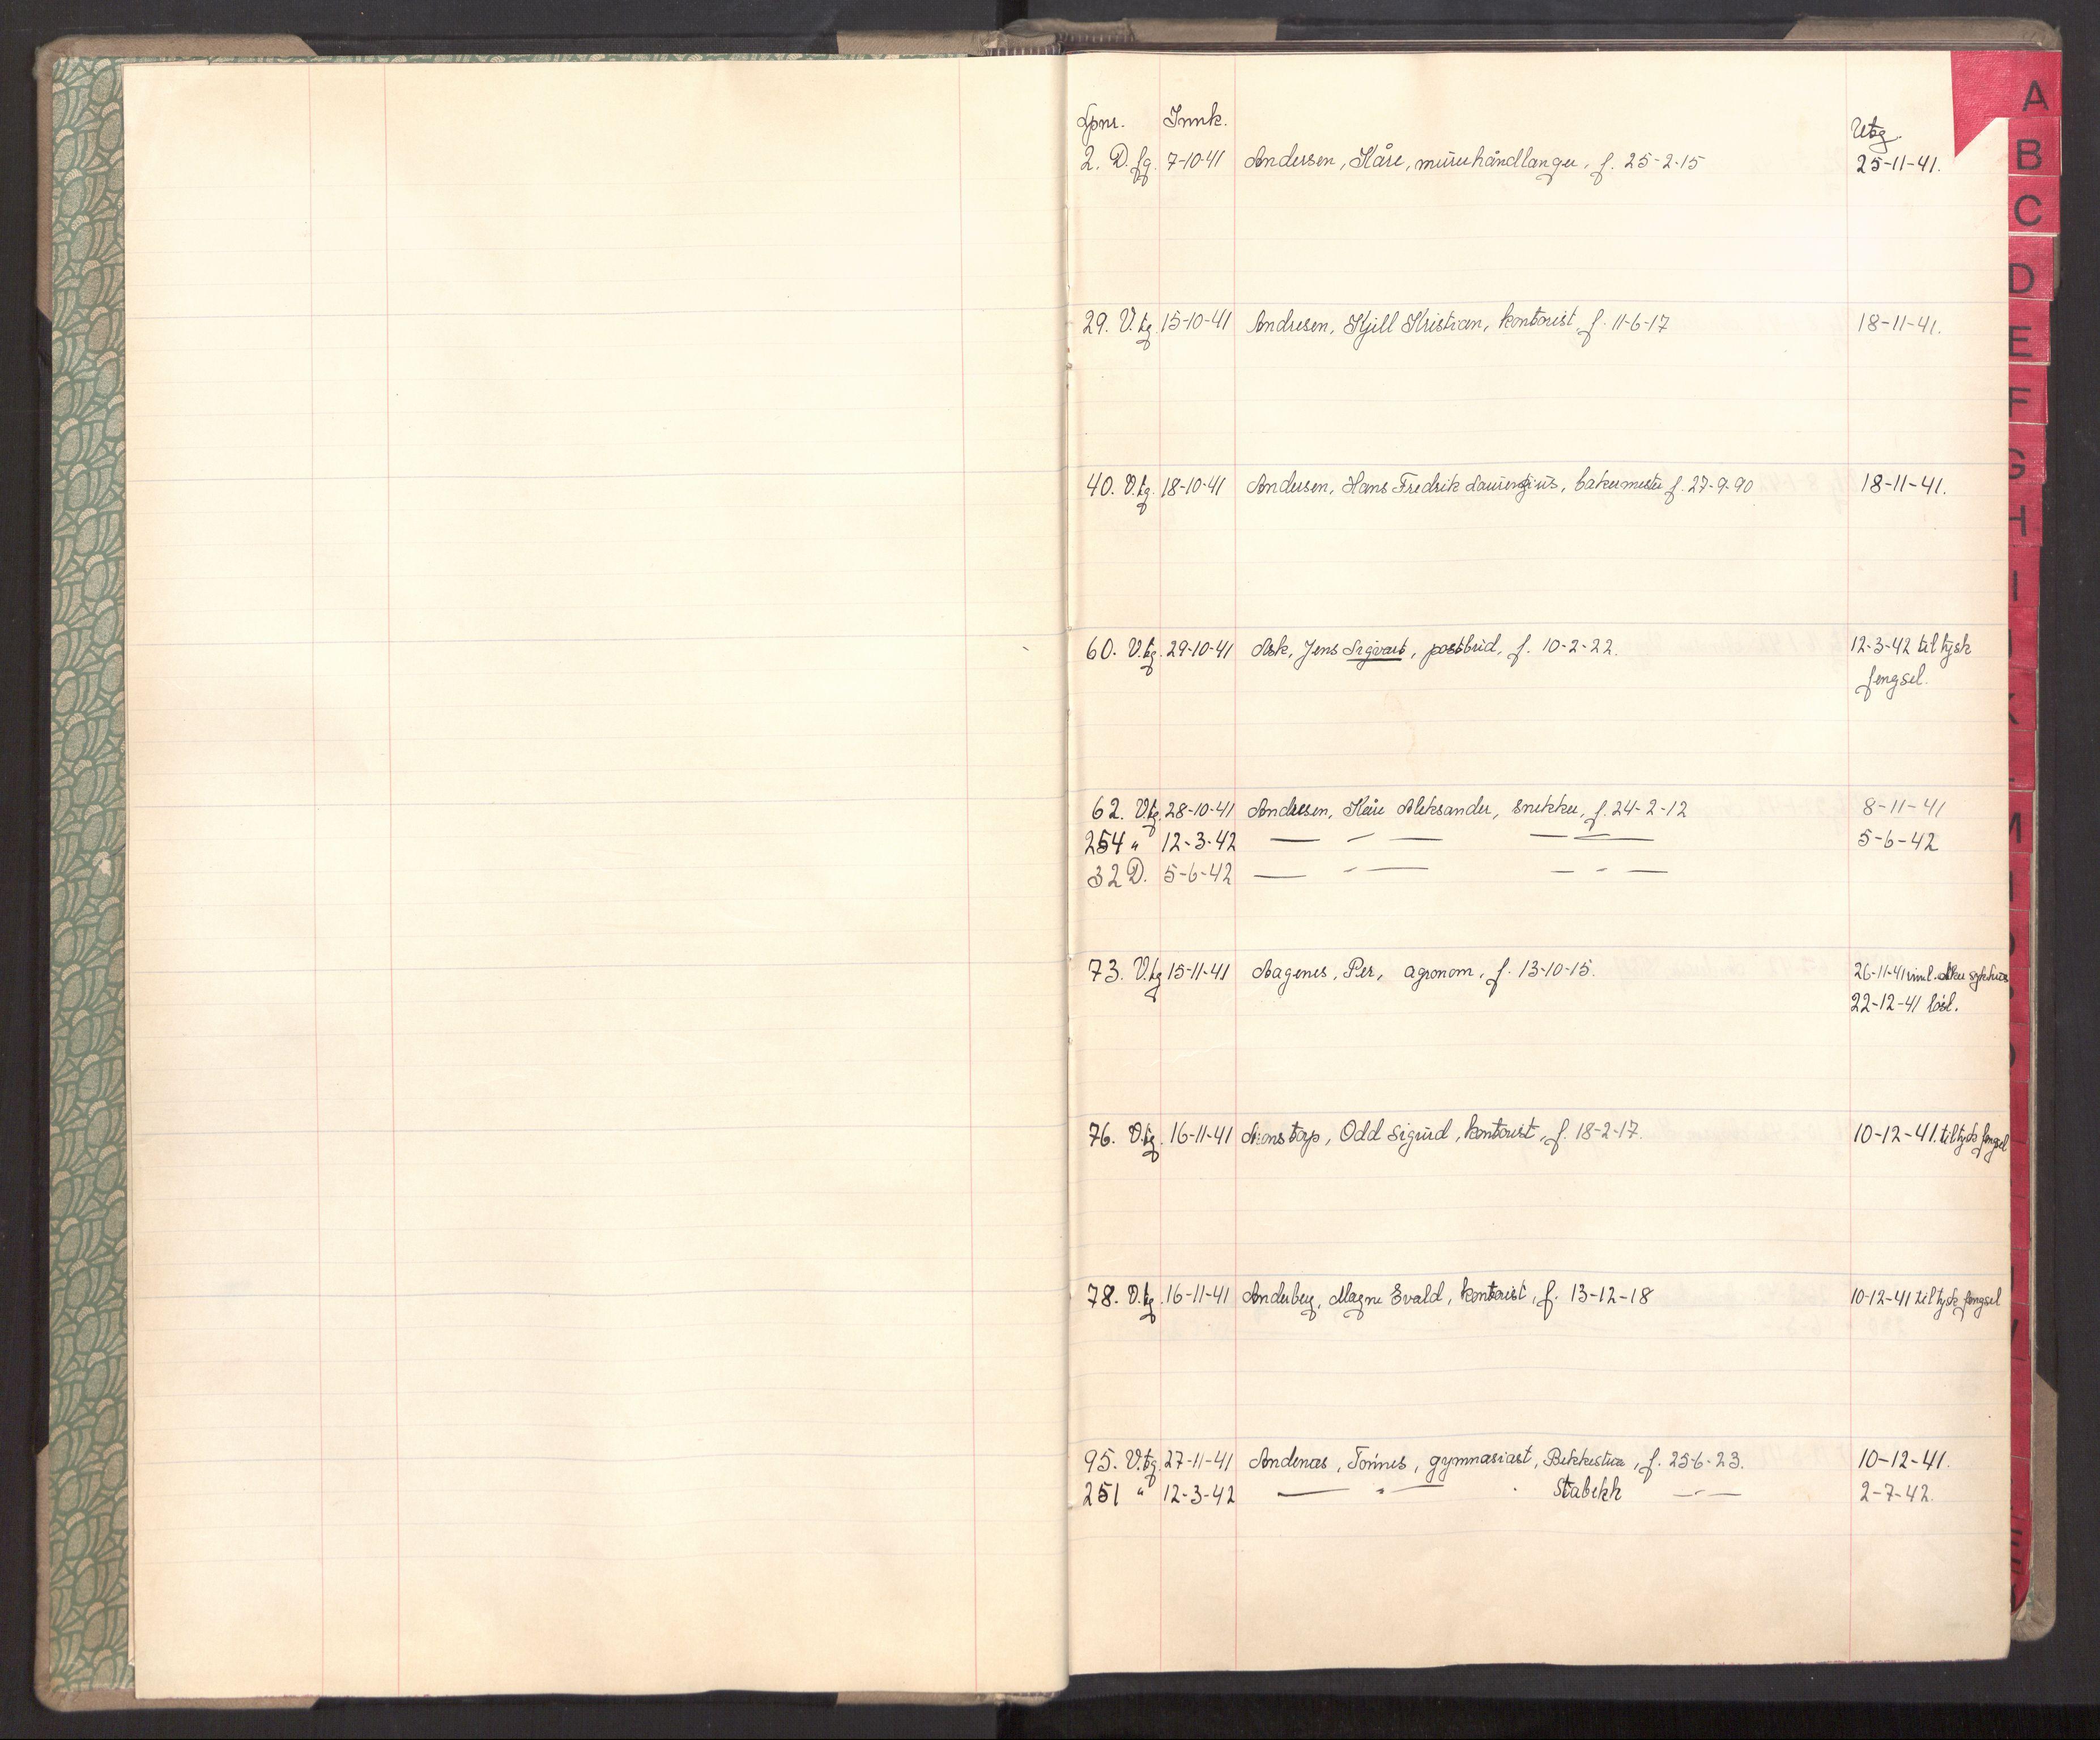 RA, Statspolitiet - Hovedkontoret / Osloavdelingen, C/Cl/L0004: Register over varetekts- og domsfanger, 1941-1945